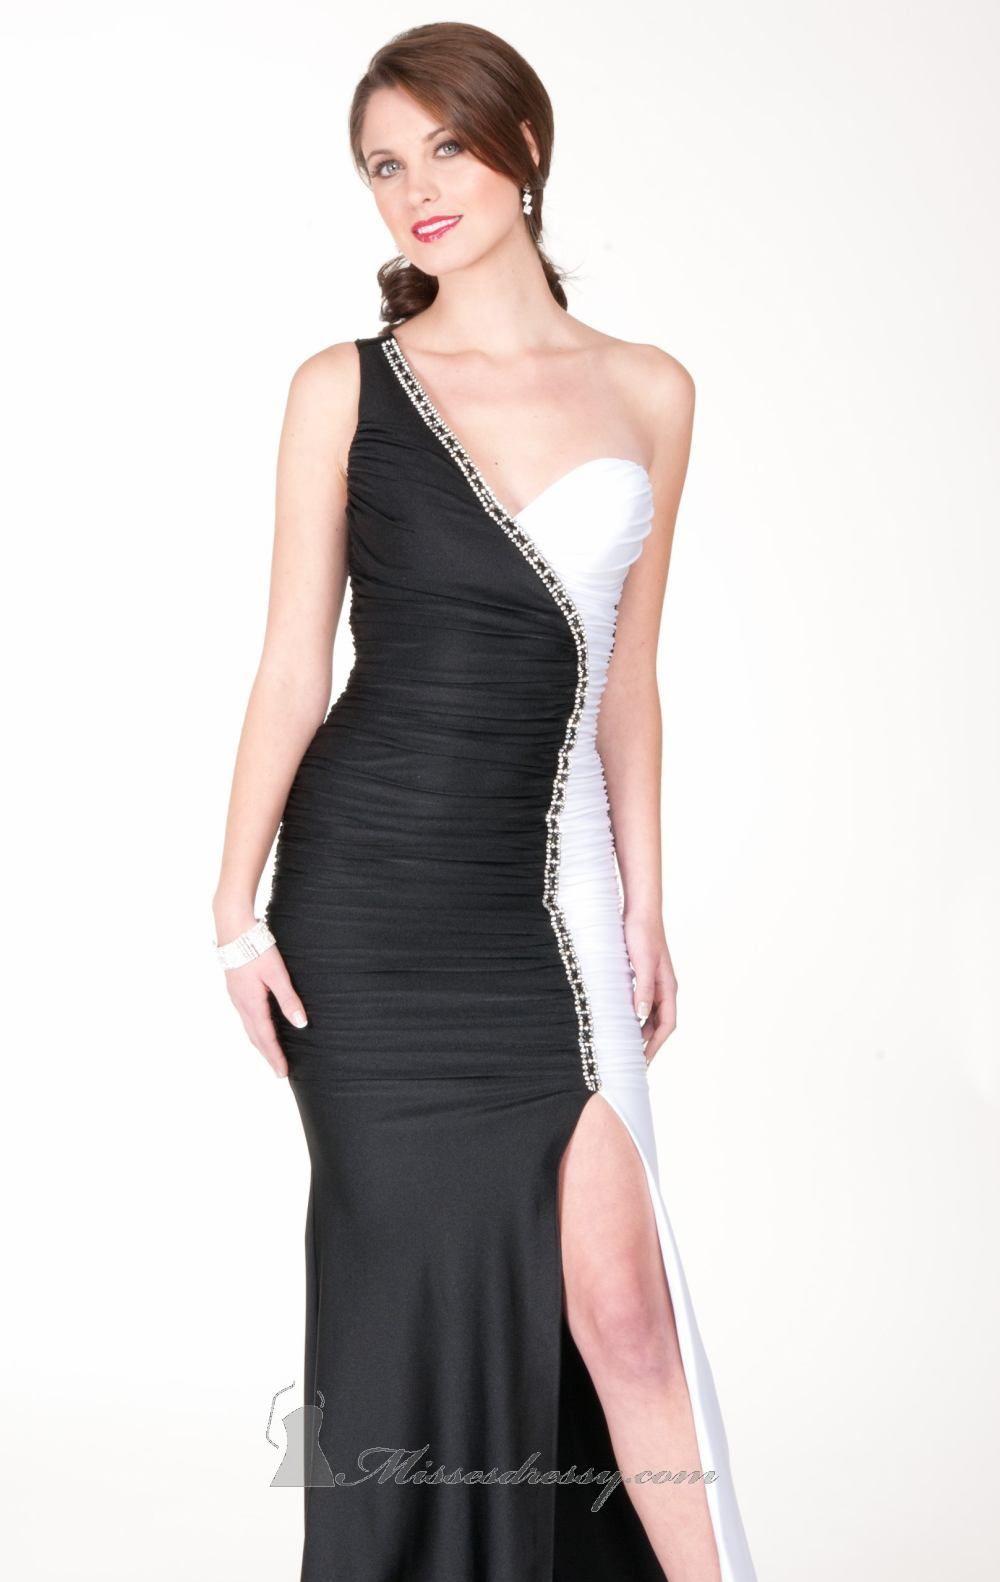 http://fauxtogo.com/atria-ac1117-dress-p-1280.html